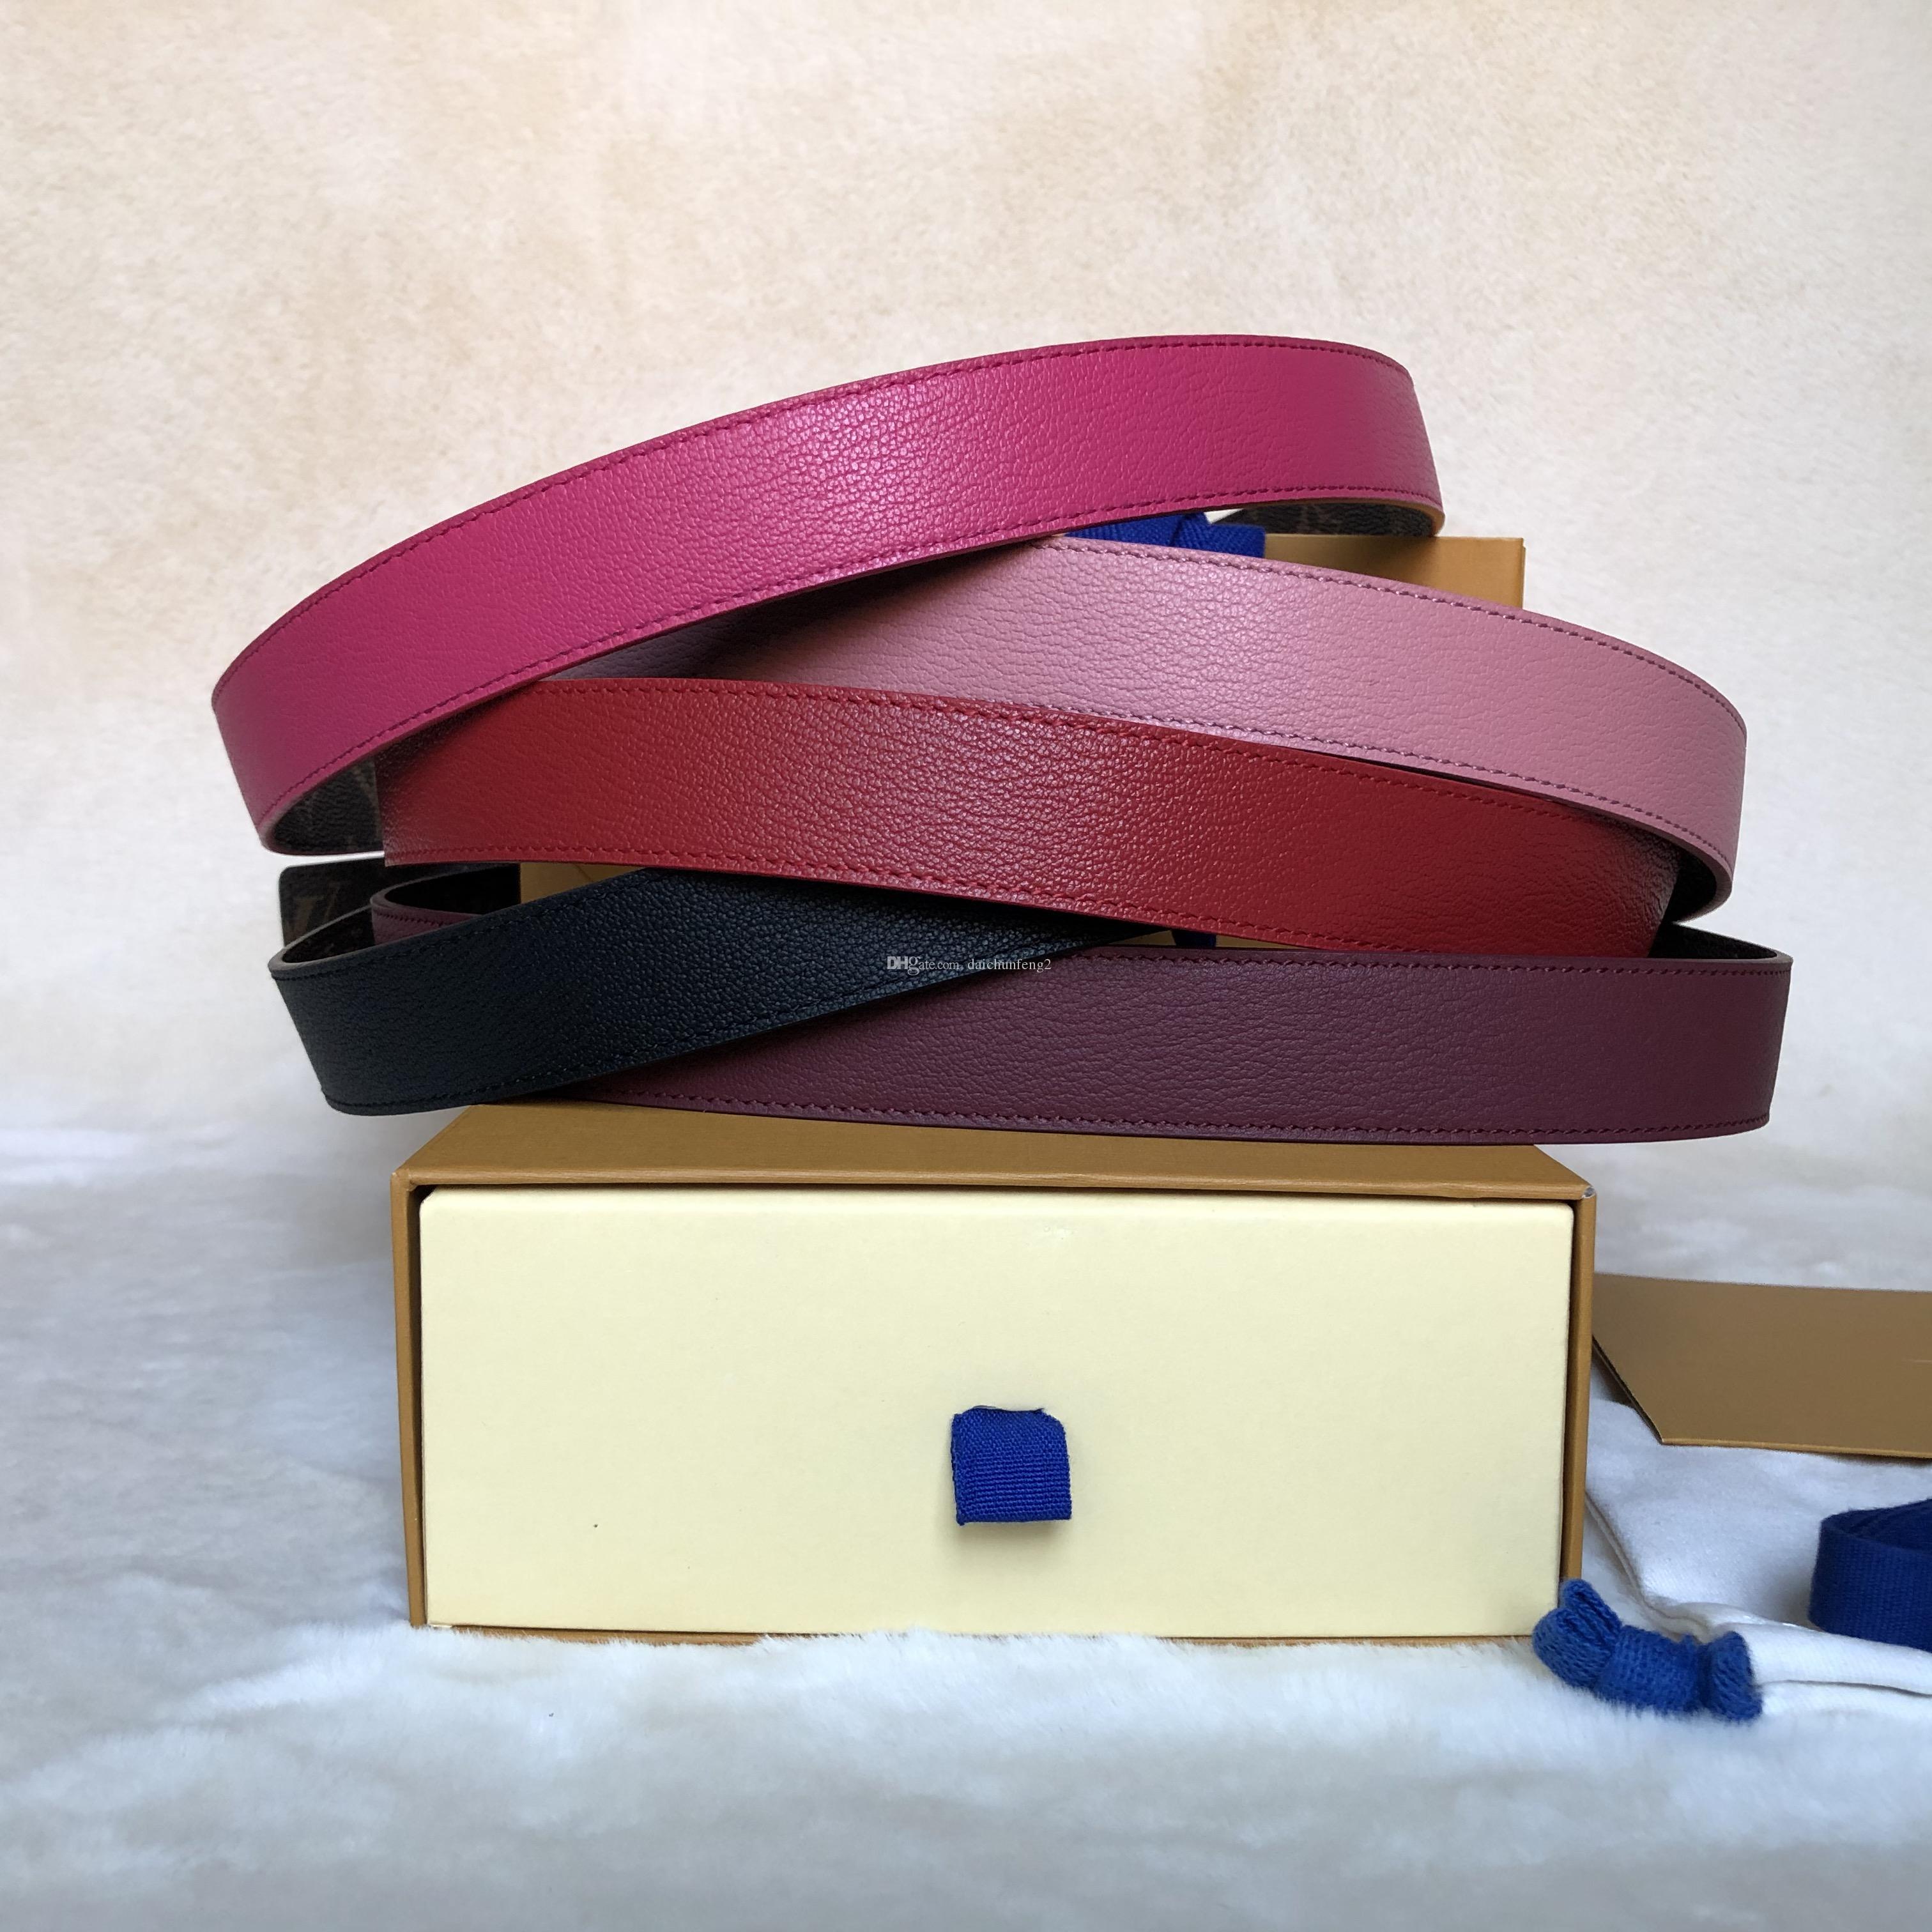 أزياء أفضل جودة حقيقية جلد طبيعي مع خطاب الذهب / الفضة عكسها مشبك المرأة حزام مع مربع مصممي الرجال أحزمة مصمم أحزمة